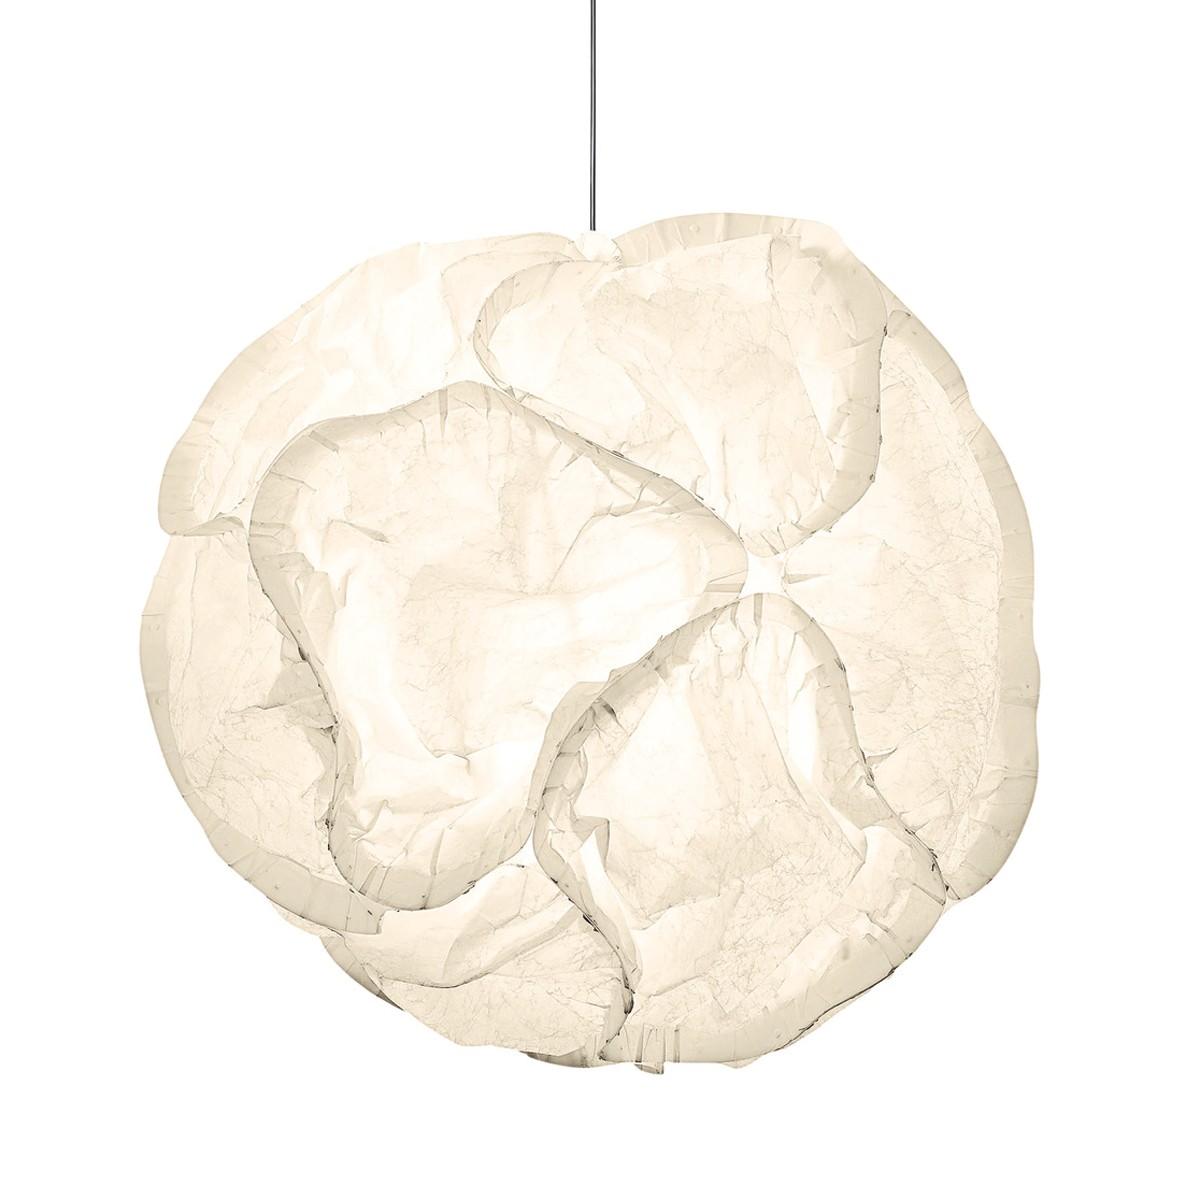 Belux Cloud Pendelleuchte Halo, Ø: 65 cm, weiß